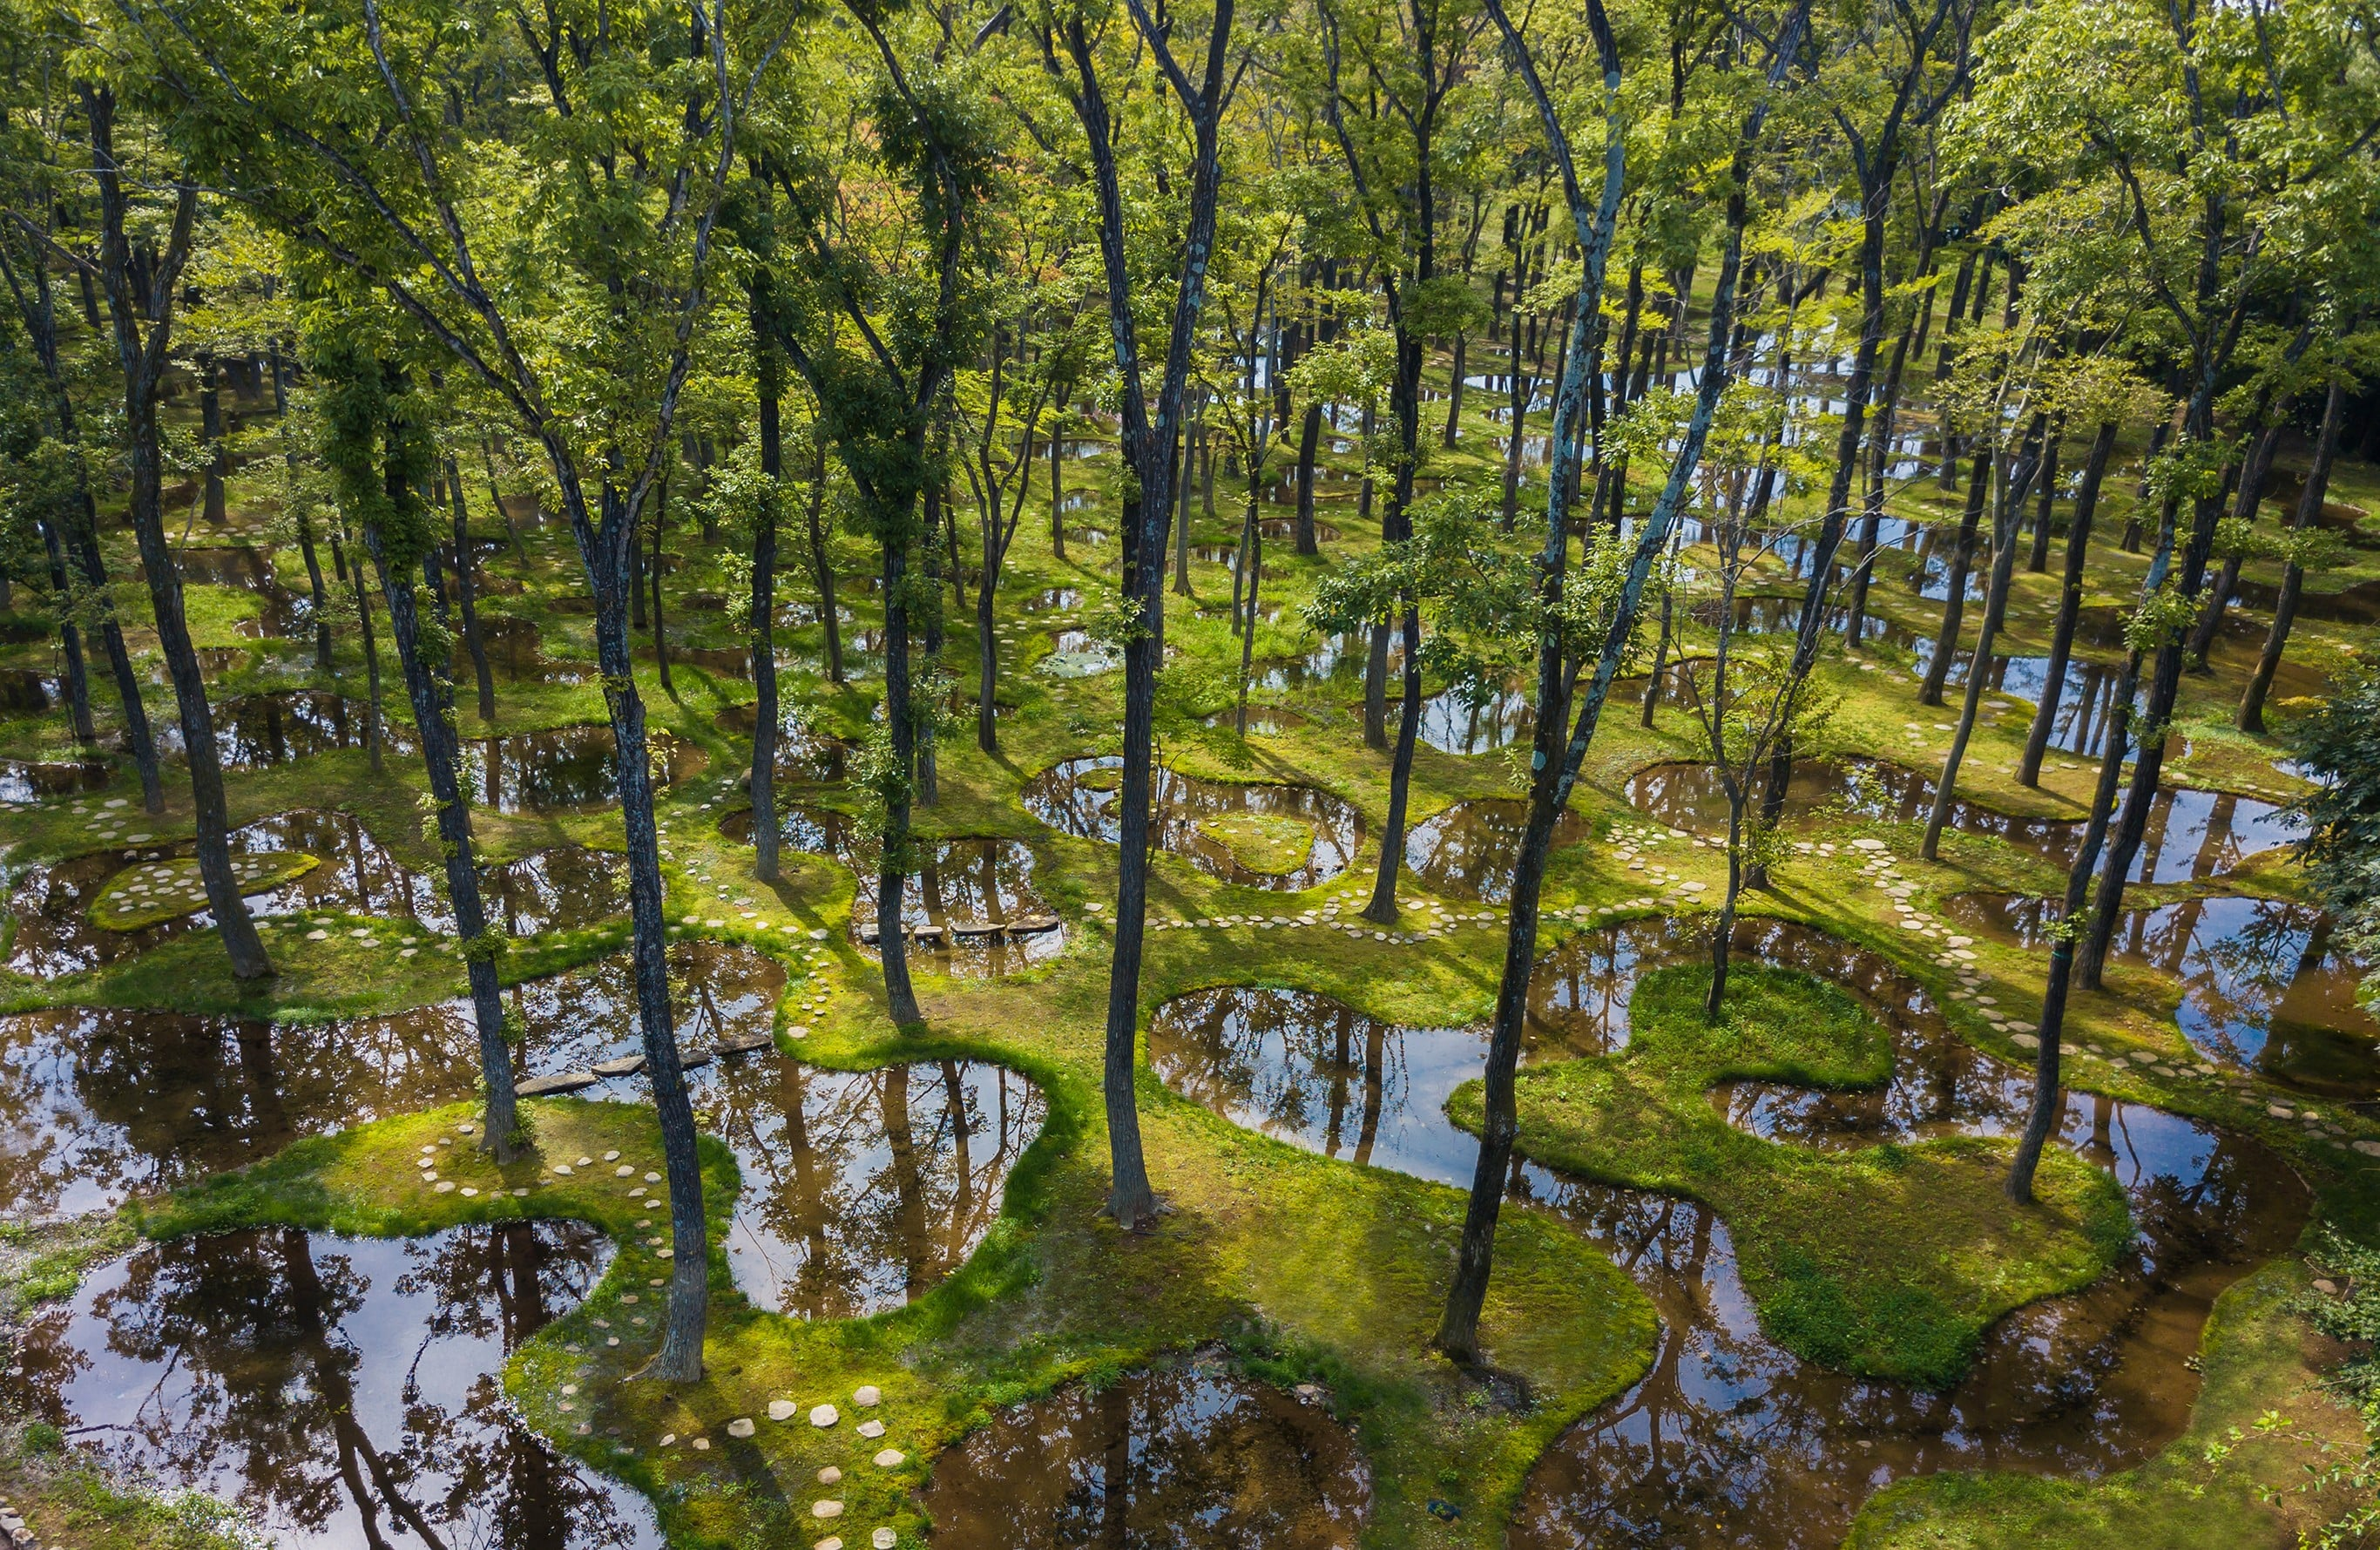 建築家石上純也のデザインによるボタニカルガーデン アートビオトープ「水庭」